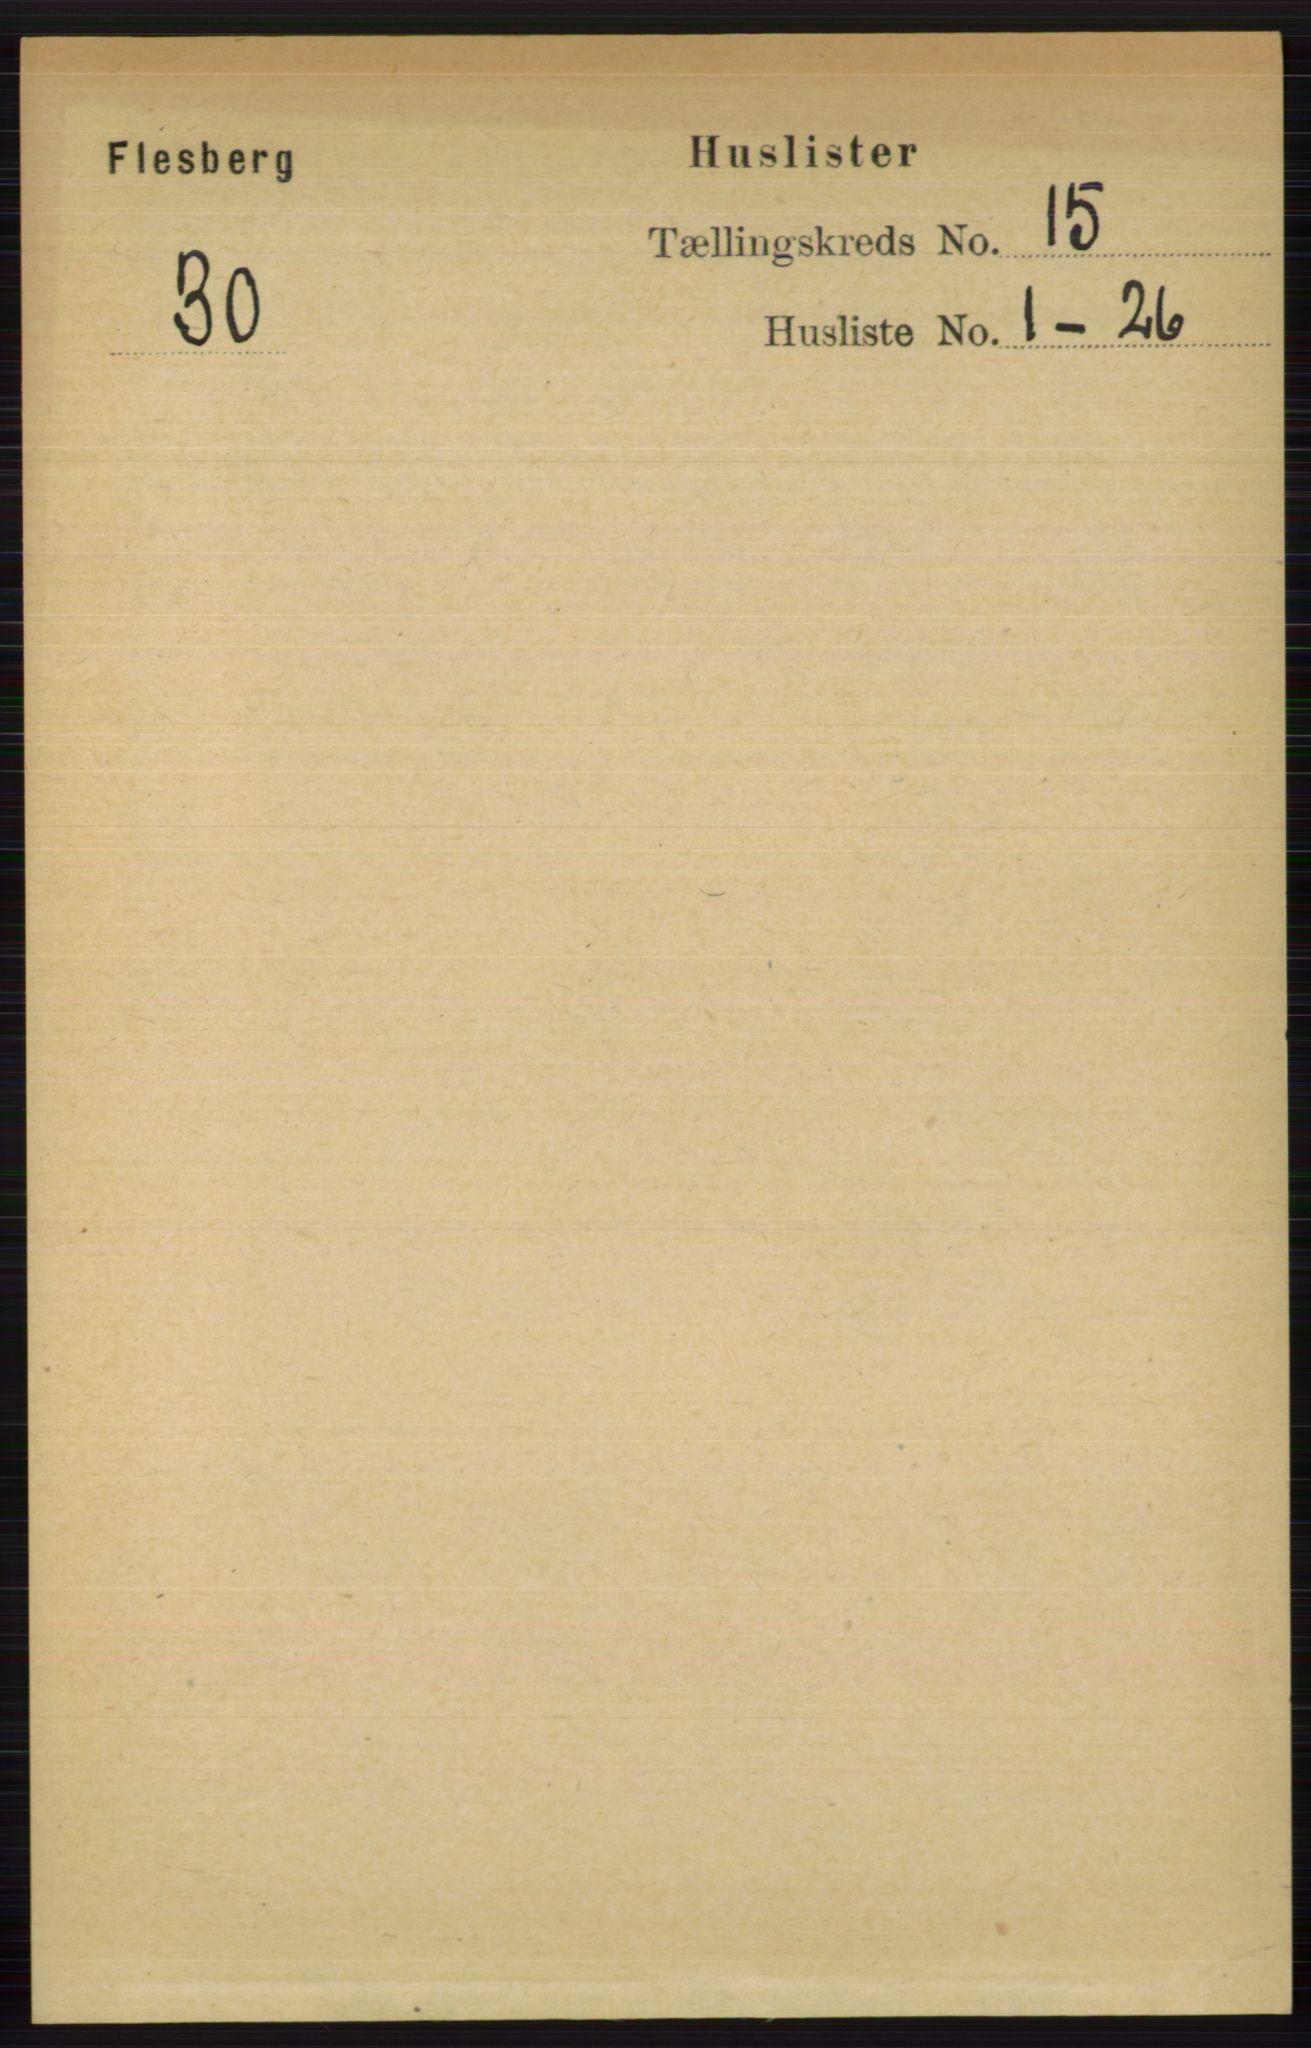 RA, Folketelling 1891 for 0631 Flesberg herred, 1891, s. 2664